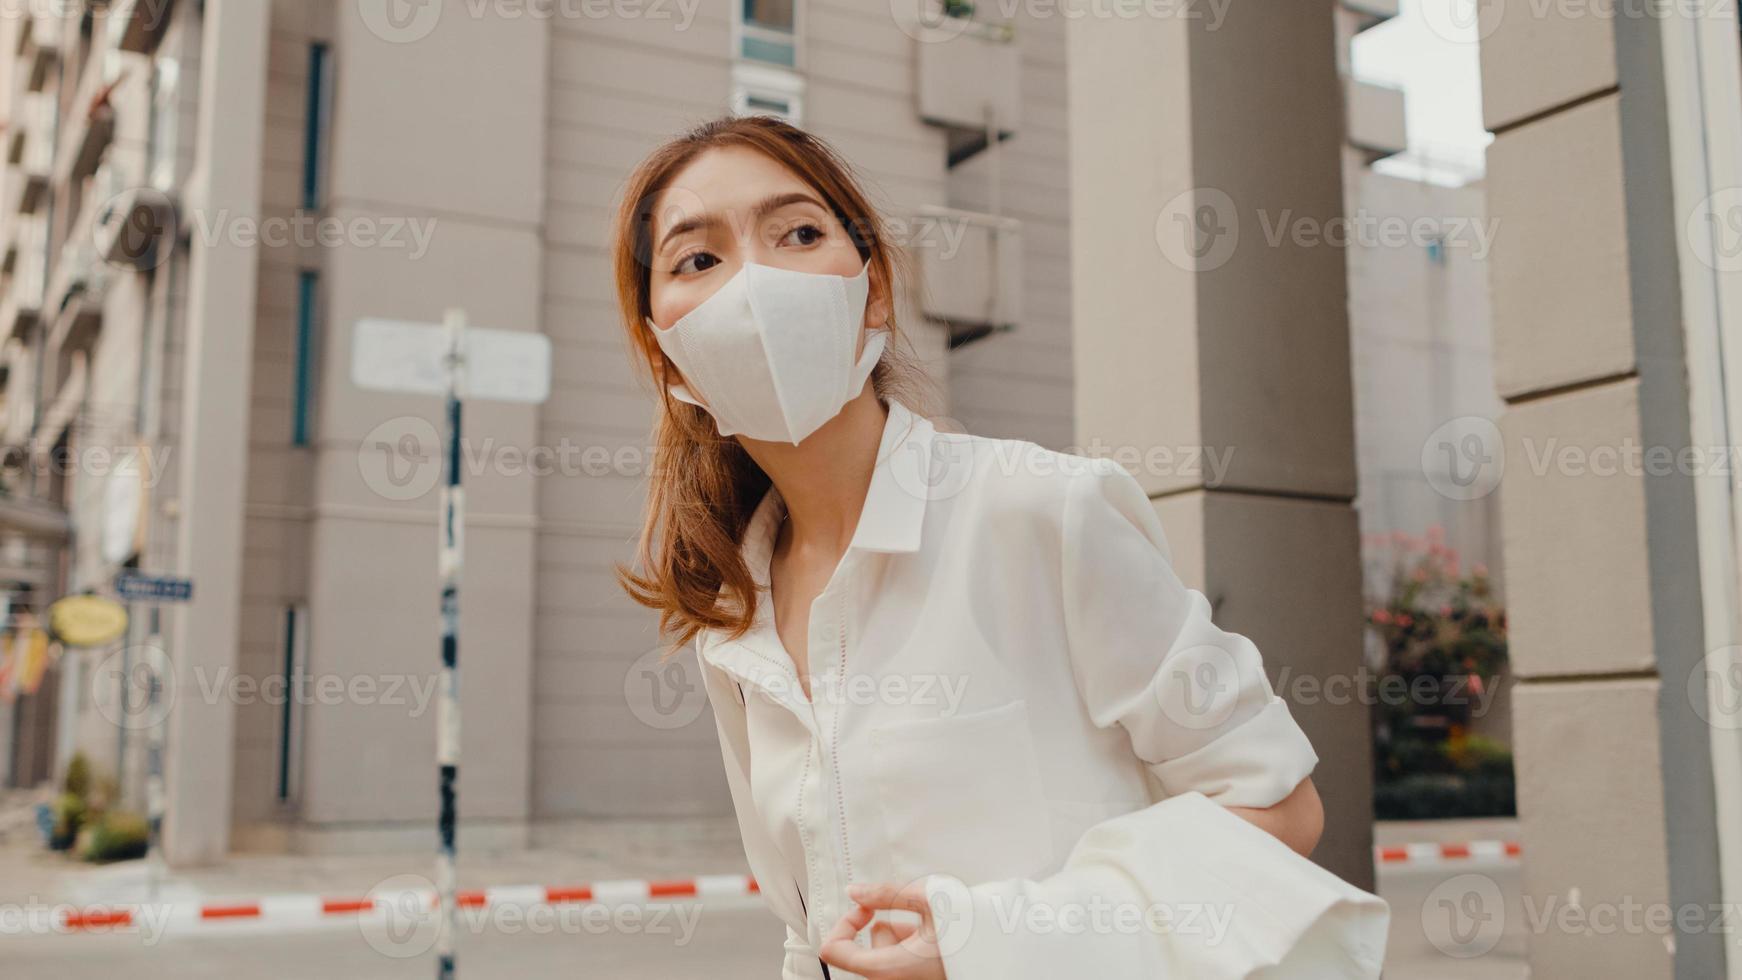 bem sucedida jovem empresária asiática em roupas de escritório de moda usar máscara médica andando sozinho ao ar livre na cidade moderna urbana pela manhã. pandemia de surto covid-19, conceito de negócios em movimento. foto